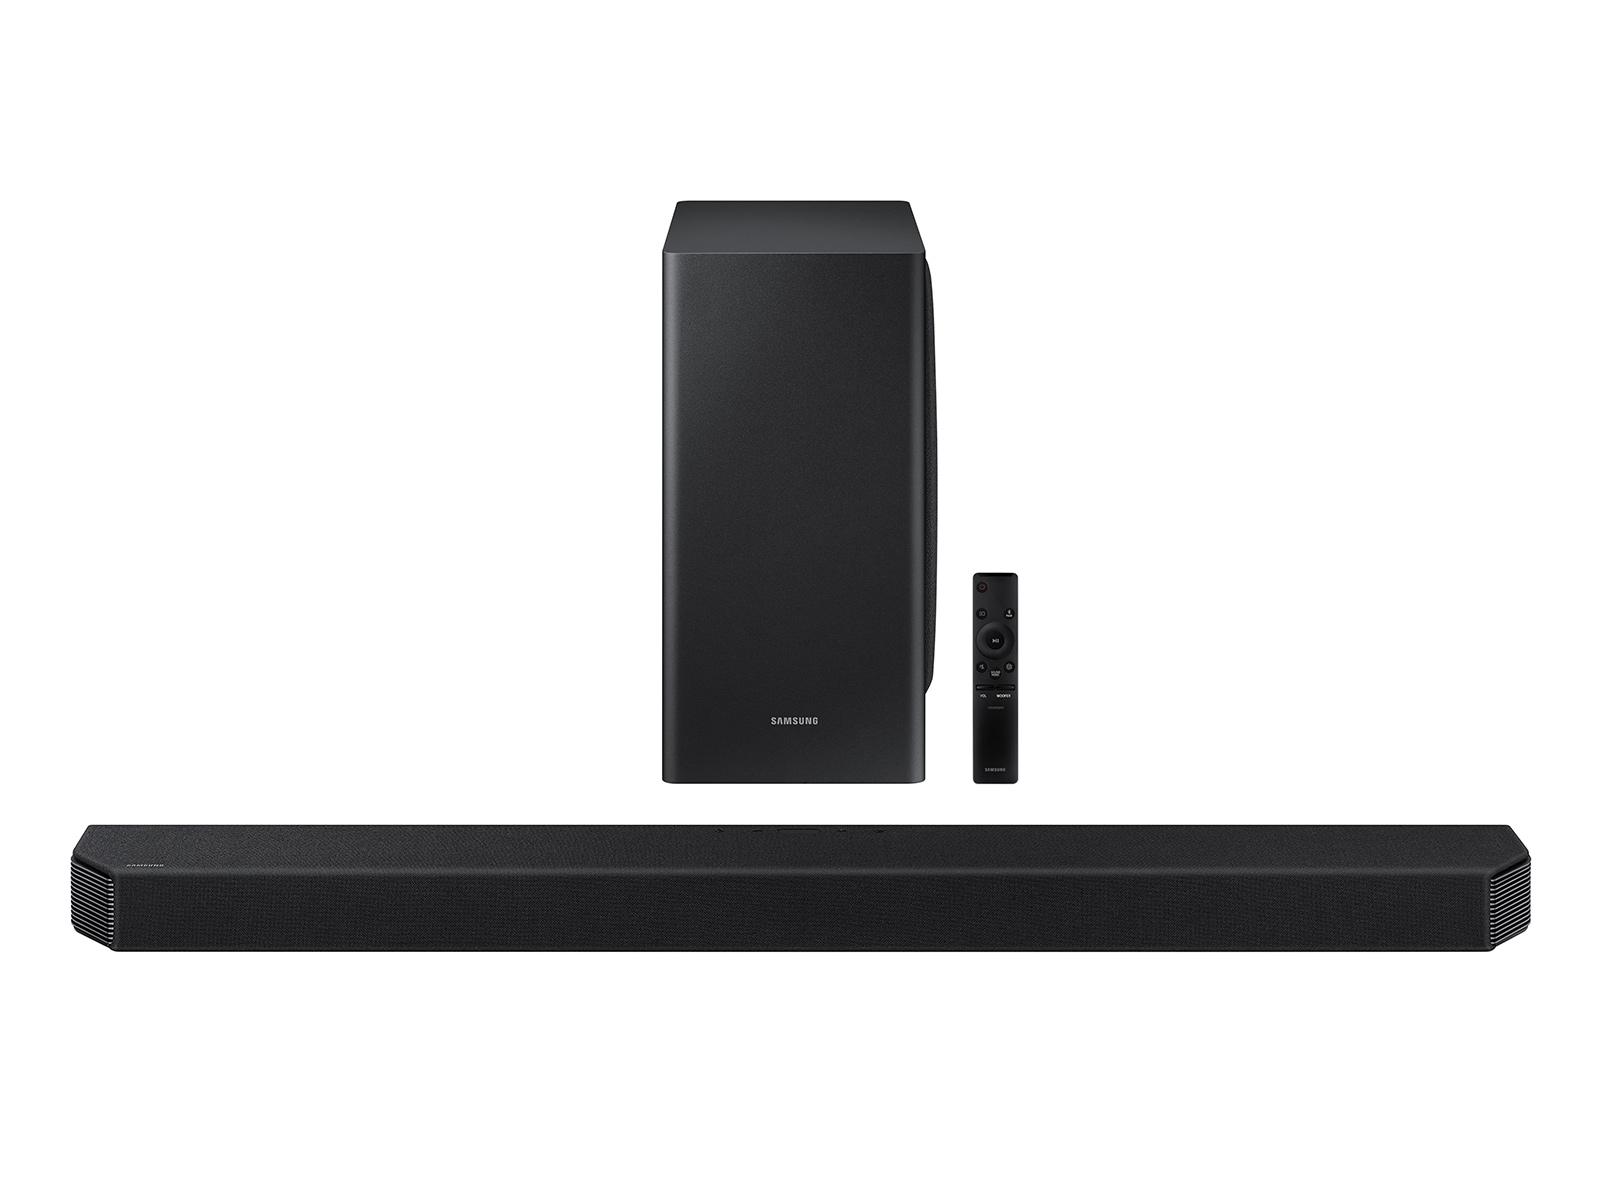 Samsung HW-Q900T 7.1.2 Channel Smart 406W Soundbar, HW-Q900T/ZA